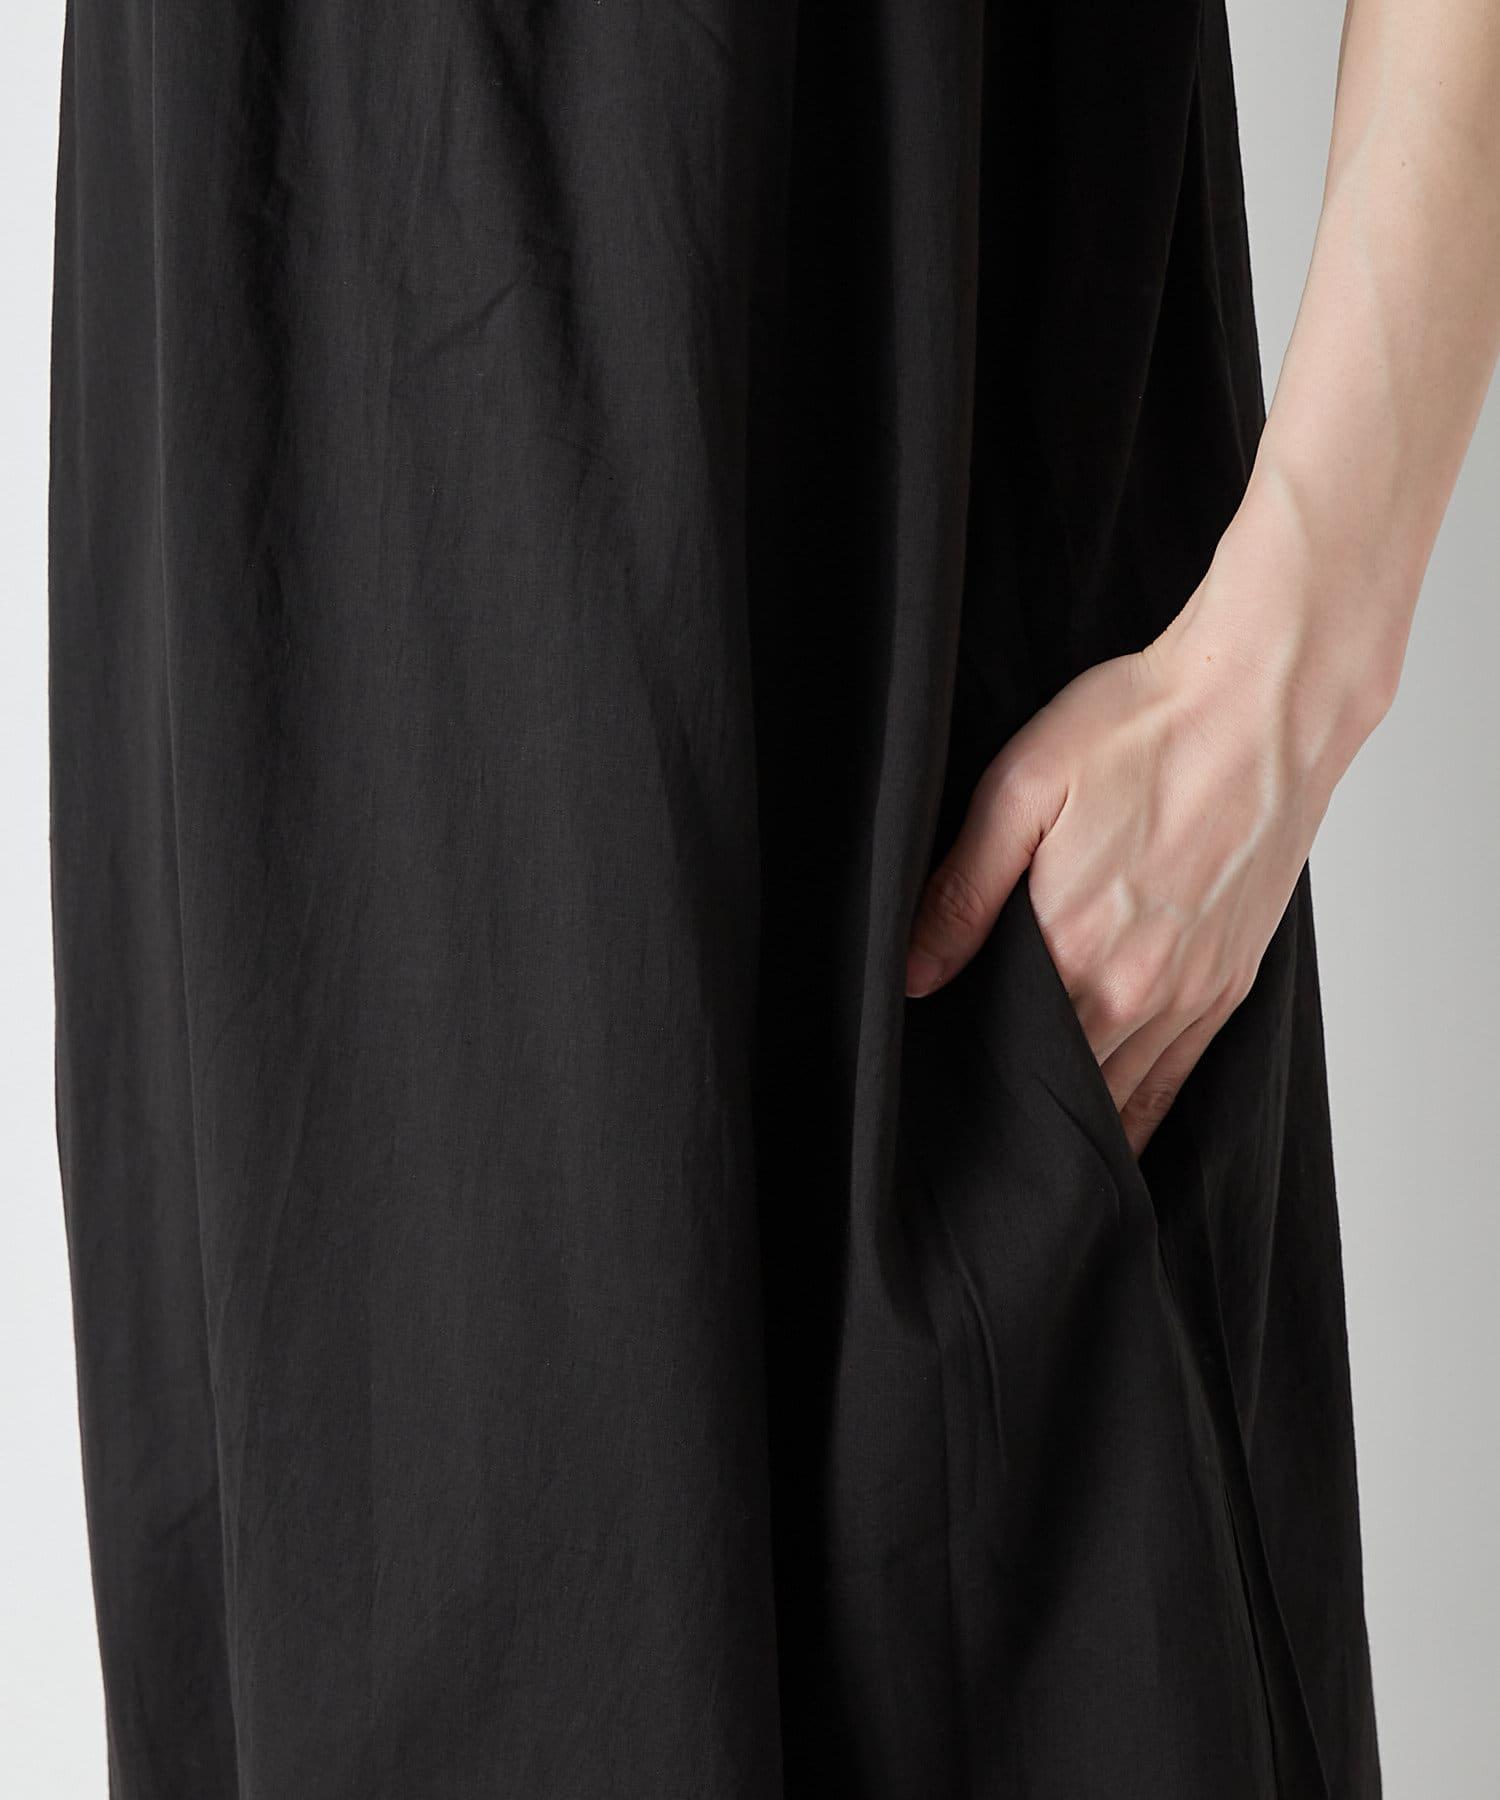 La boutique BonBon(ラブティックボンボン) 【手洗い可】コットンギャザードレス